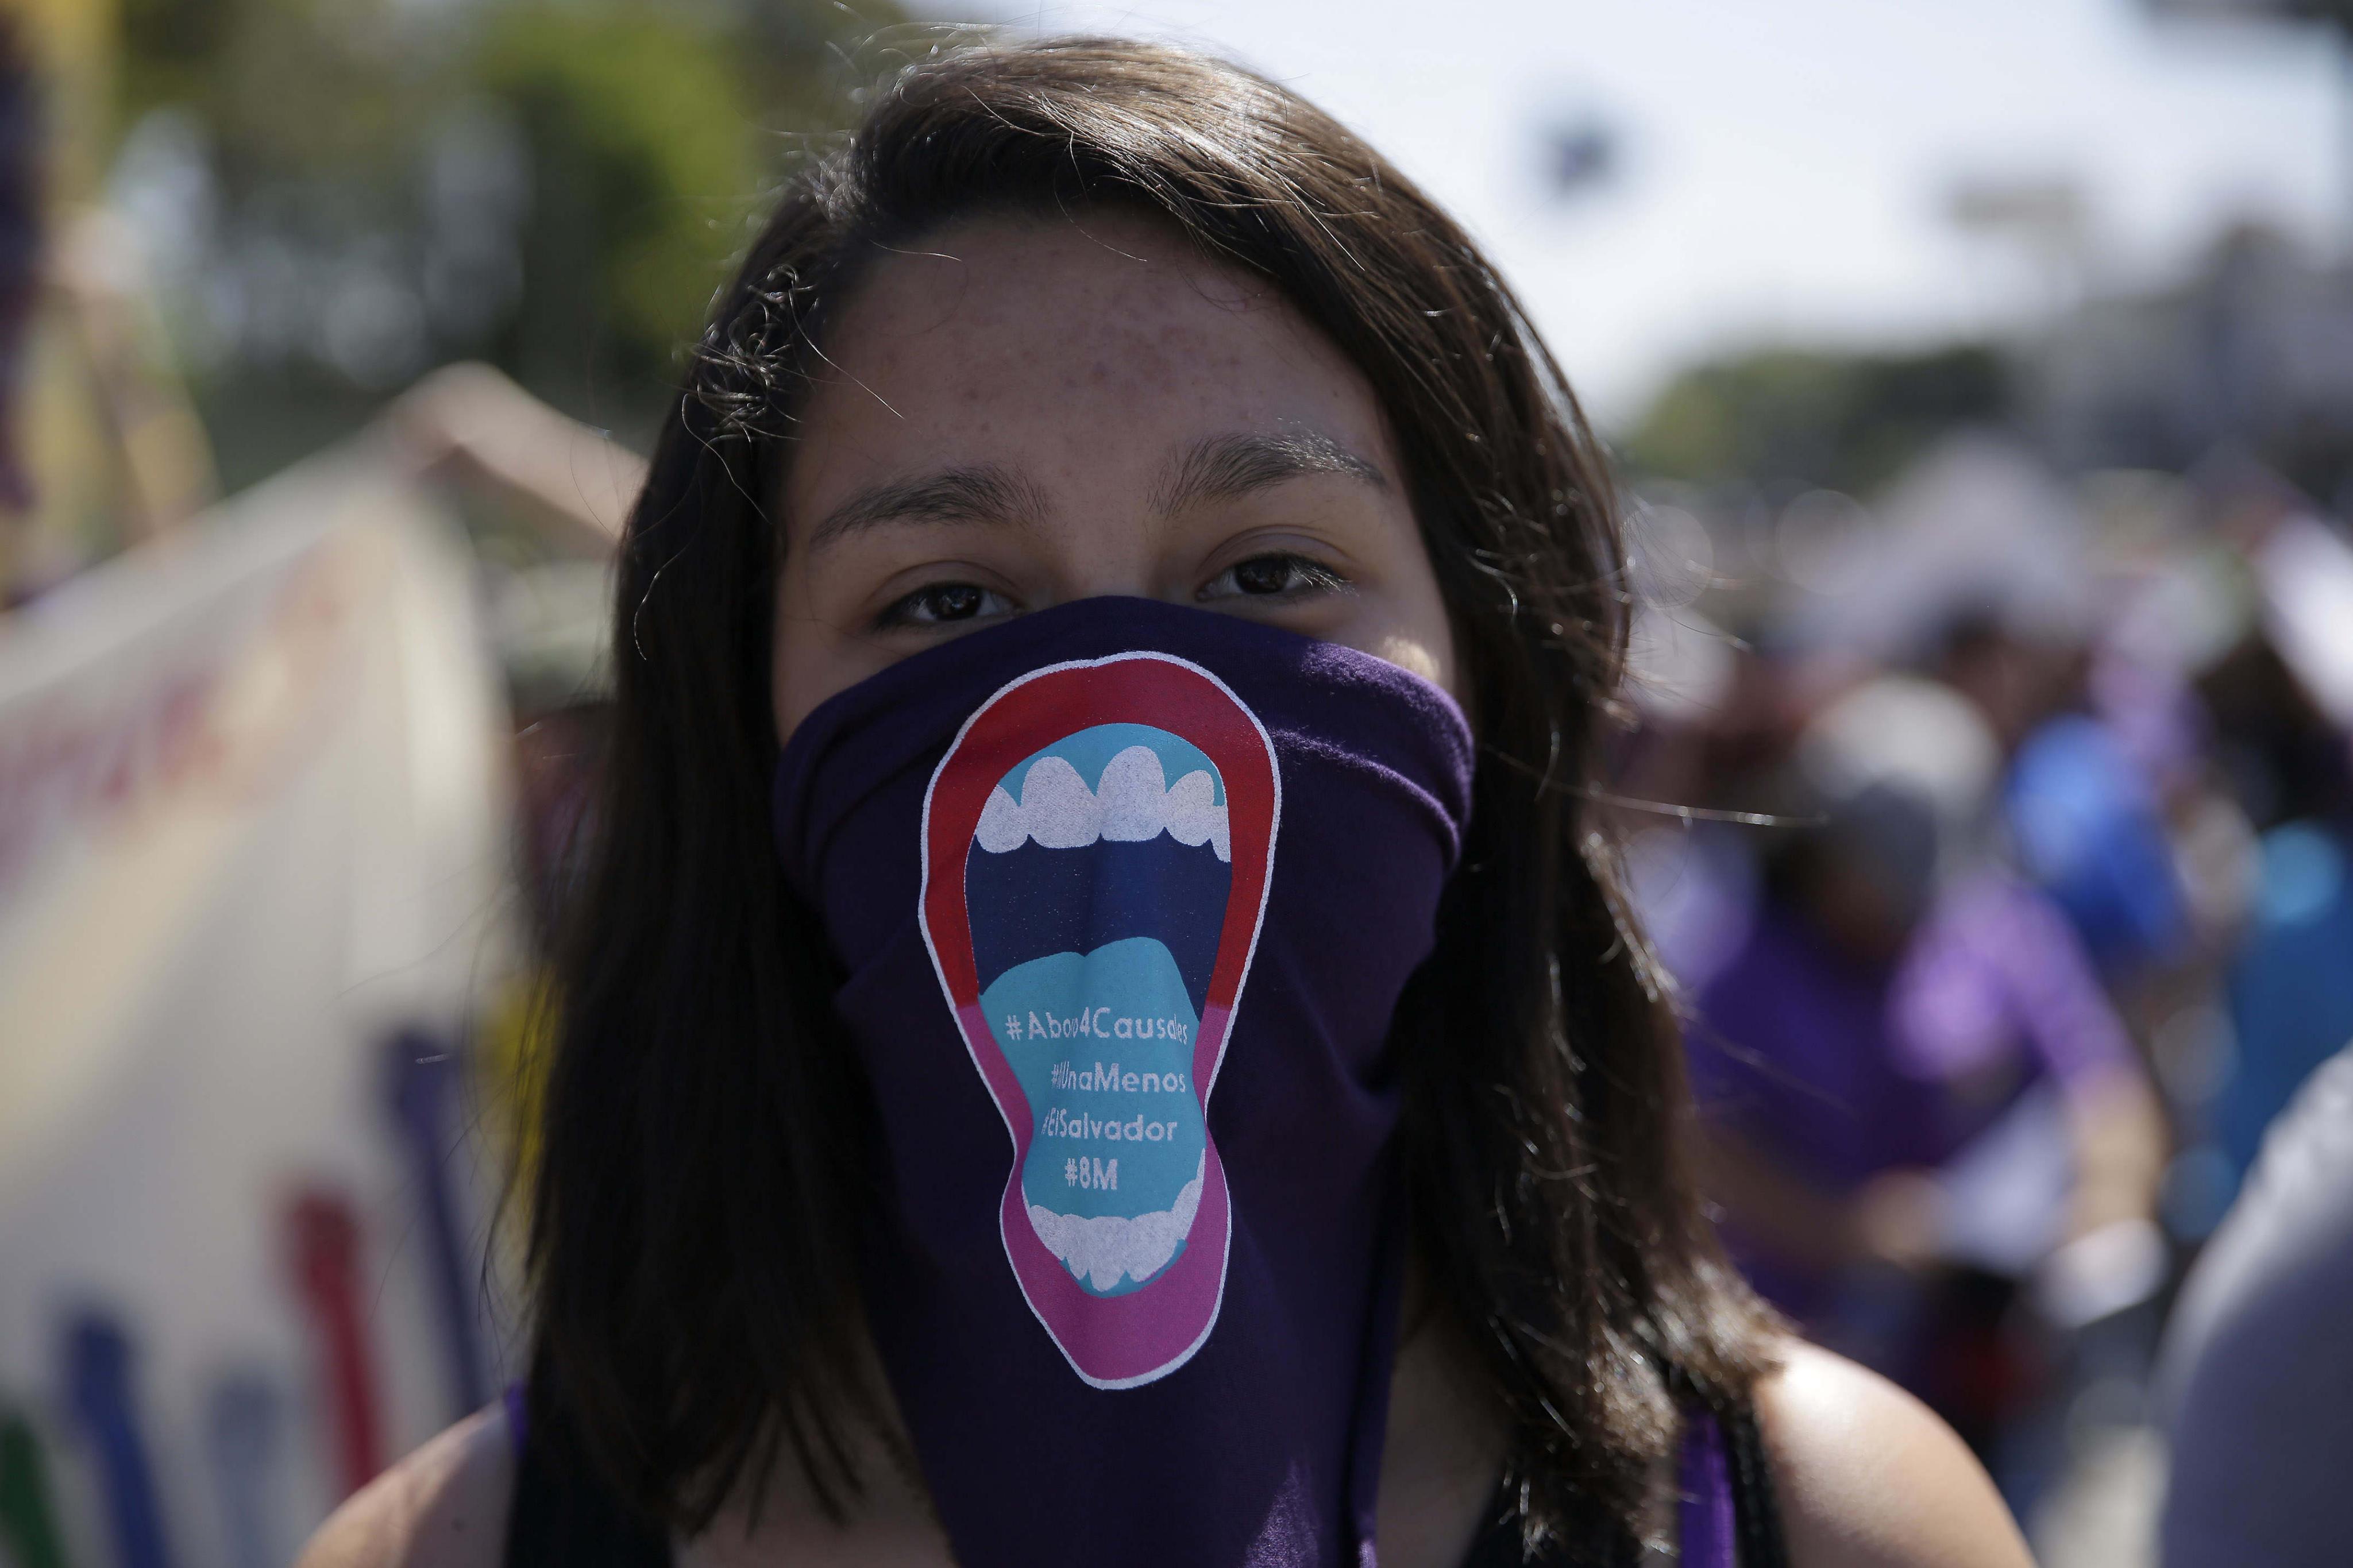 Centenars de salvadorenques exigeixen alt a la violència i despenalització de l'avortament el Dia de la Dona. /RODRIGO SURA